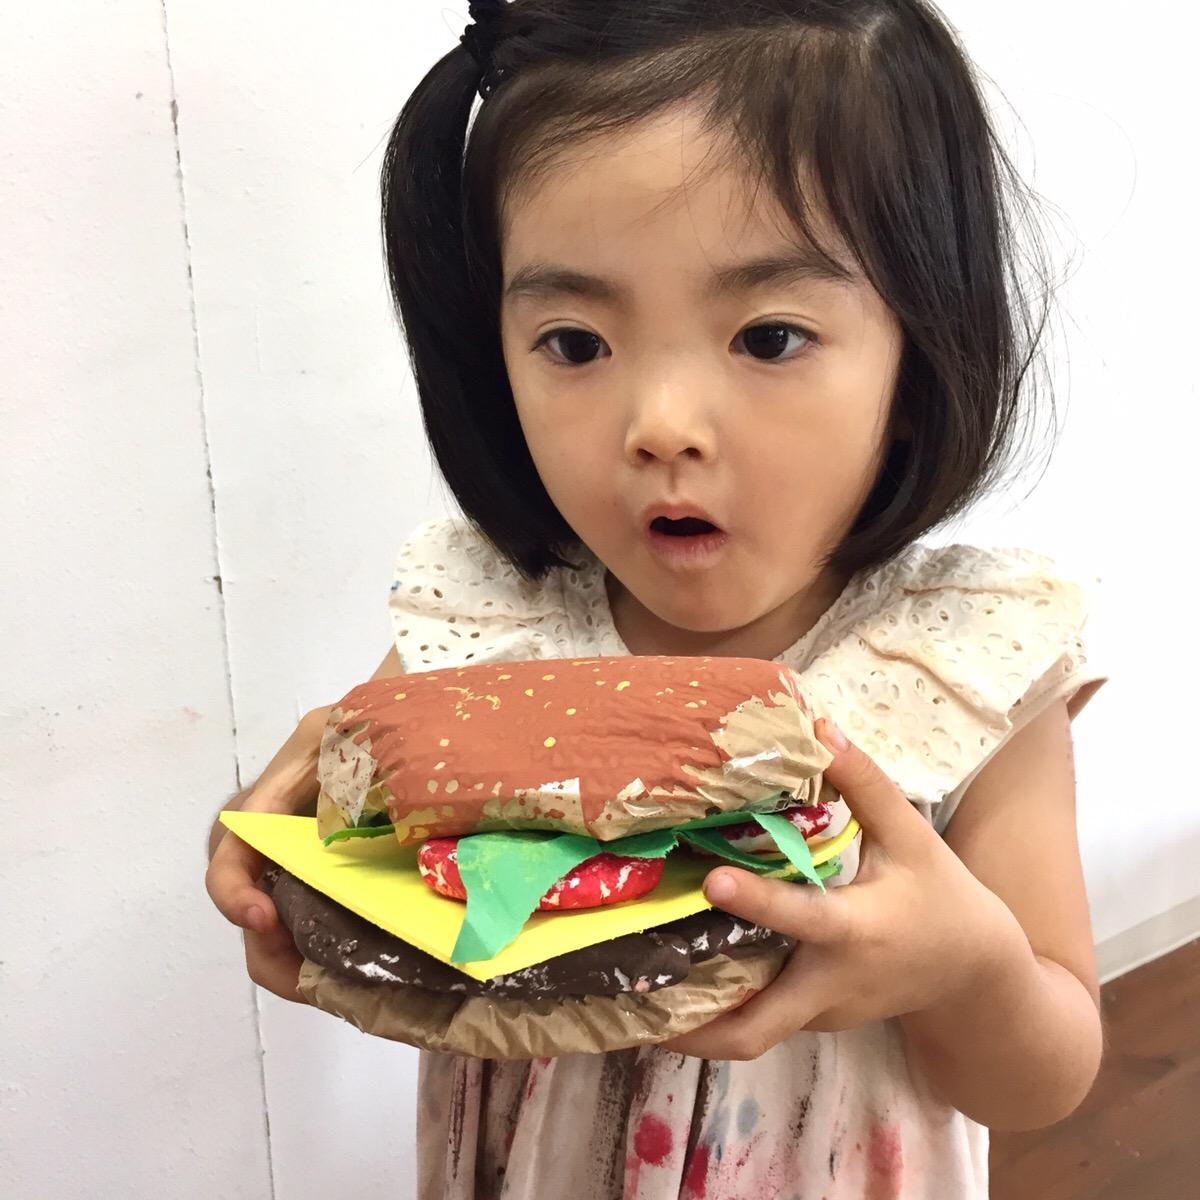 「ハンバーガーをつくる!」ねんどアート